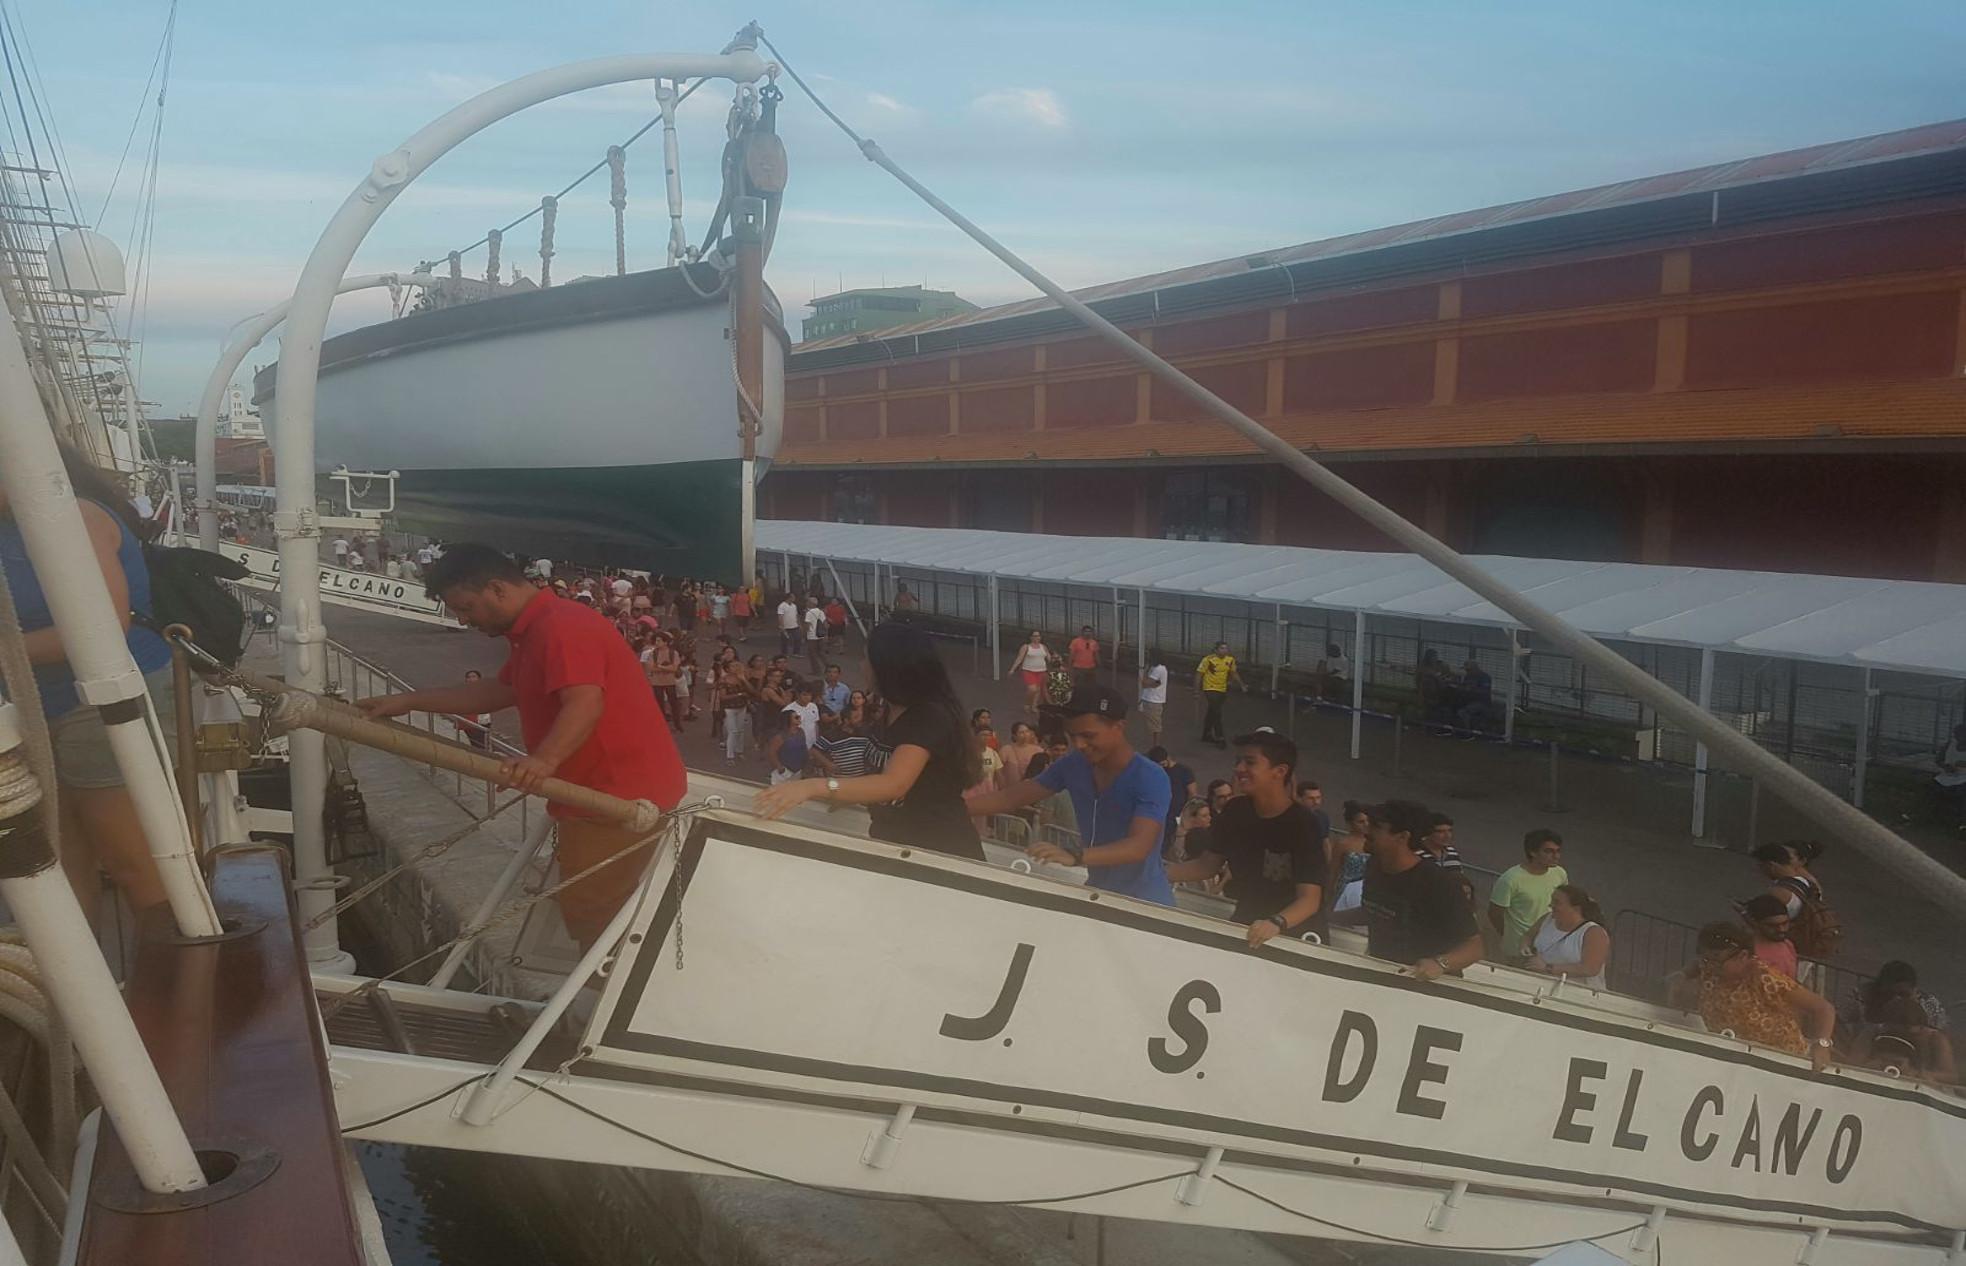 Ciudadanos brasileños subiendo al Juan Sebastián de Elcano durante las jornadas de puertas abiertas del buque escuela en Río de Janeiro.